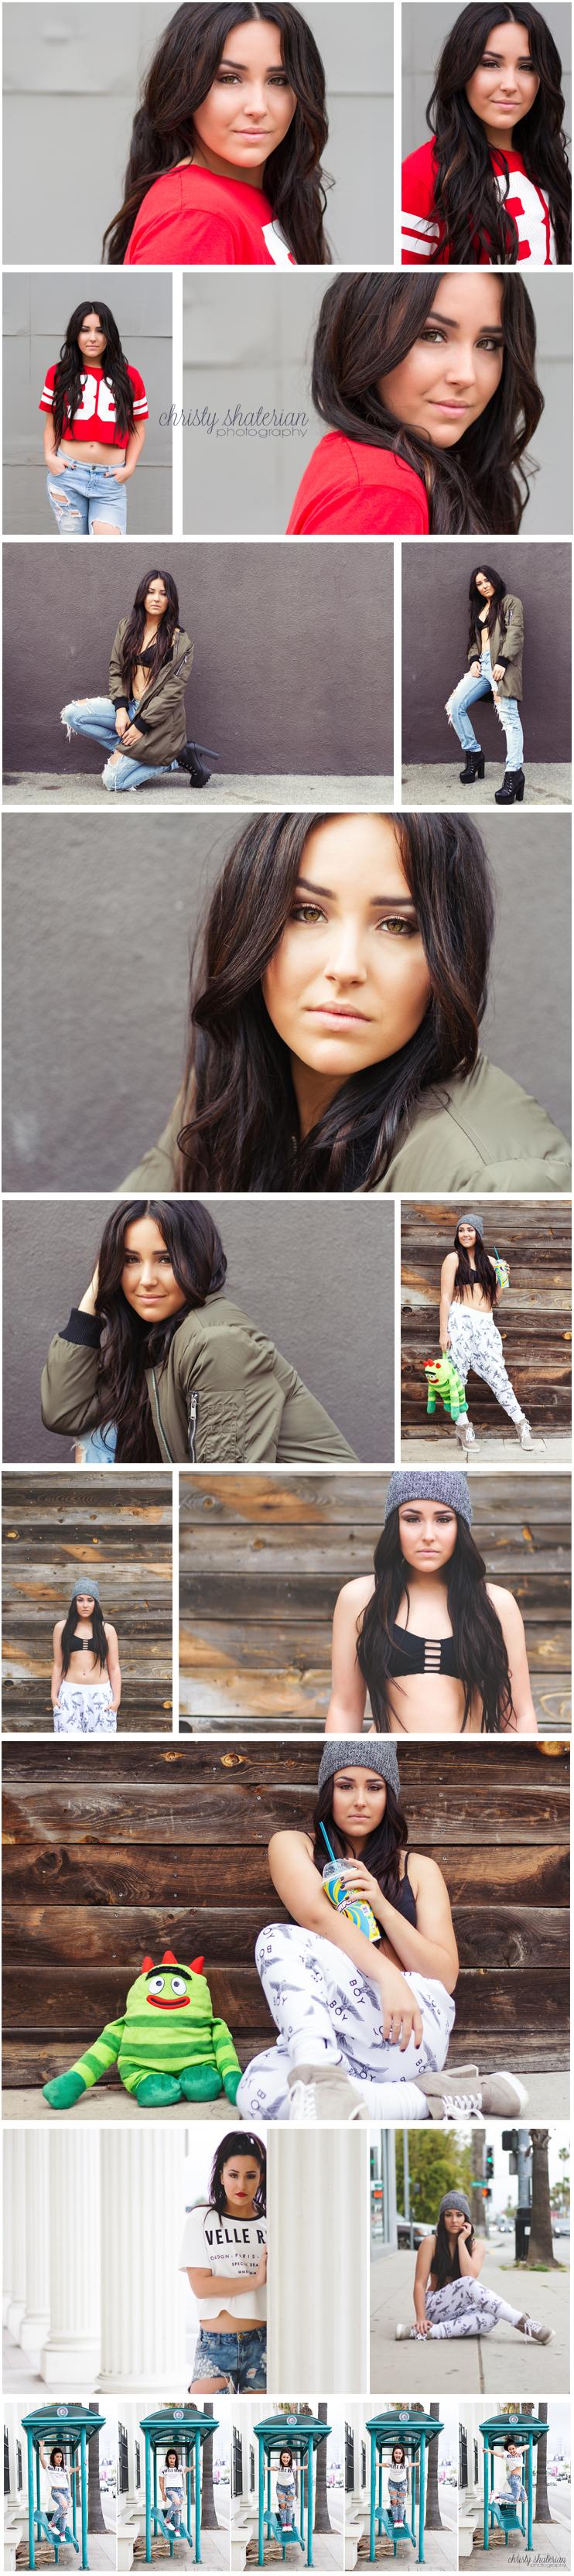 Portraits_long